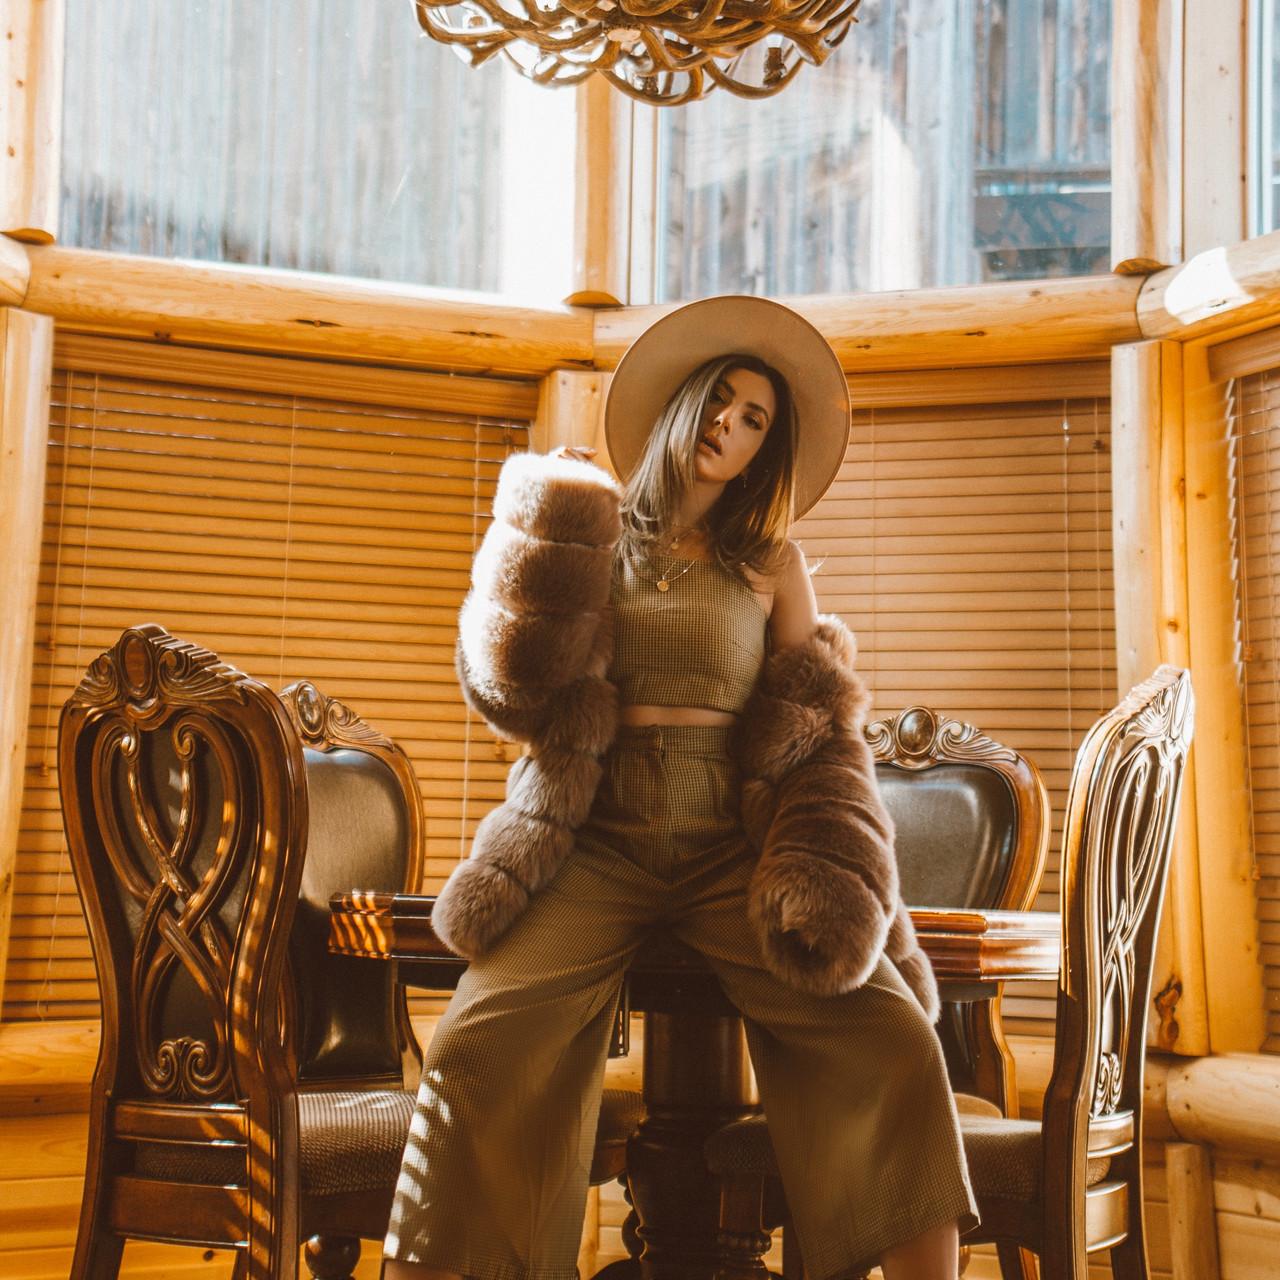 Destination Big Bear Cabin